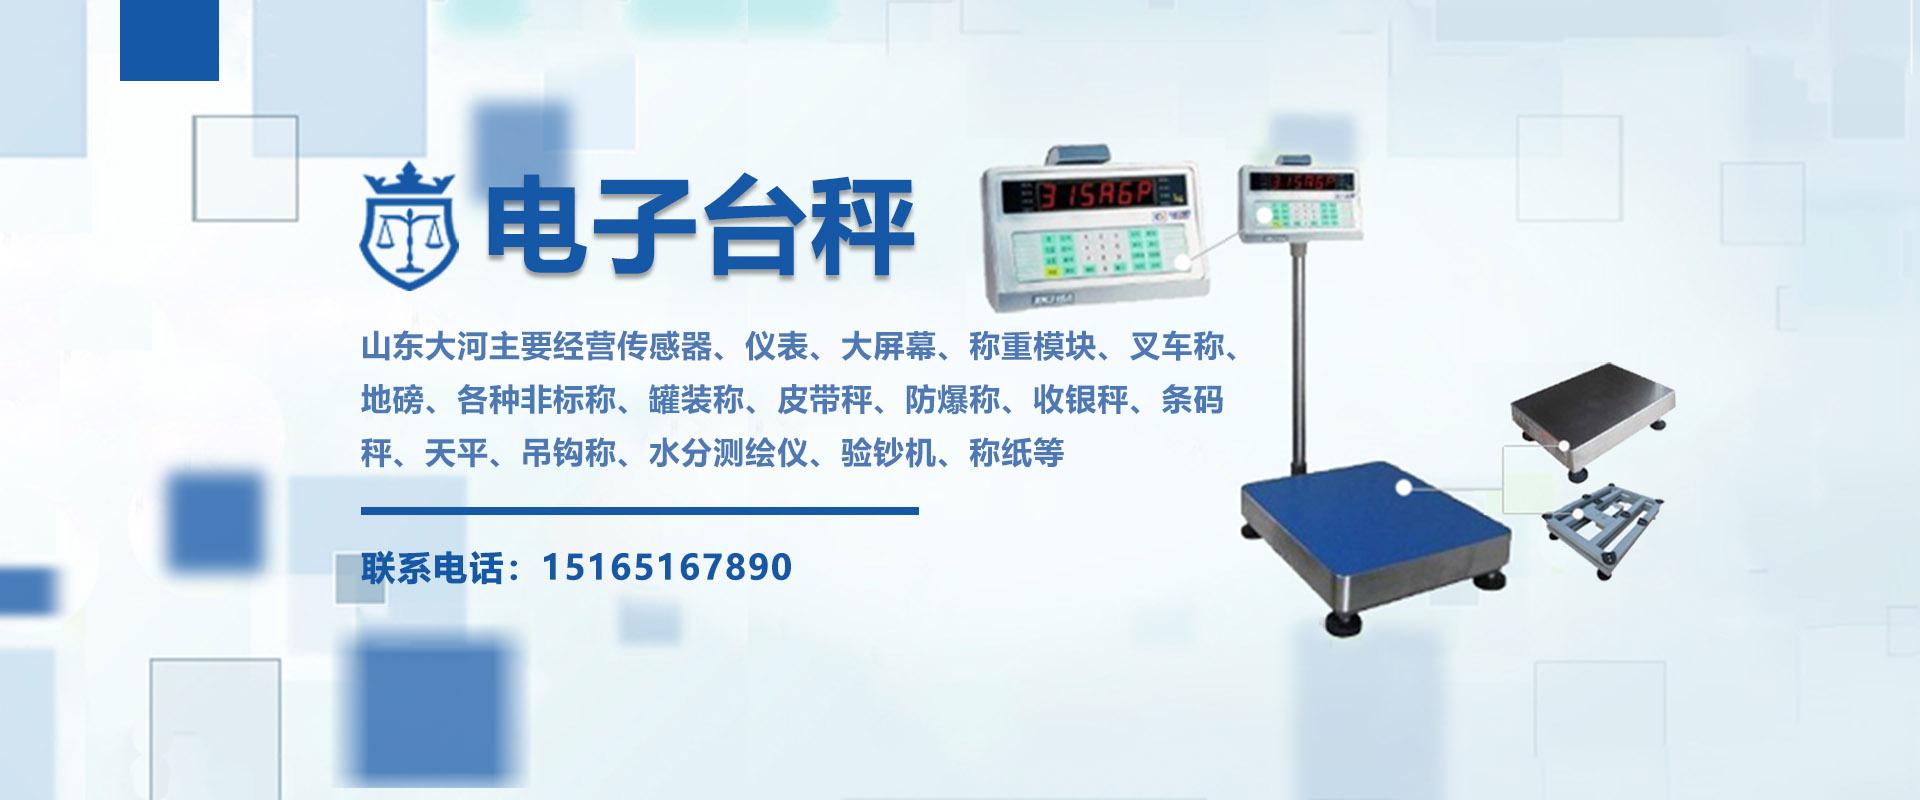 电子秤生产厂家